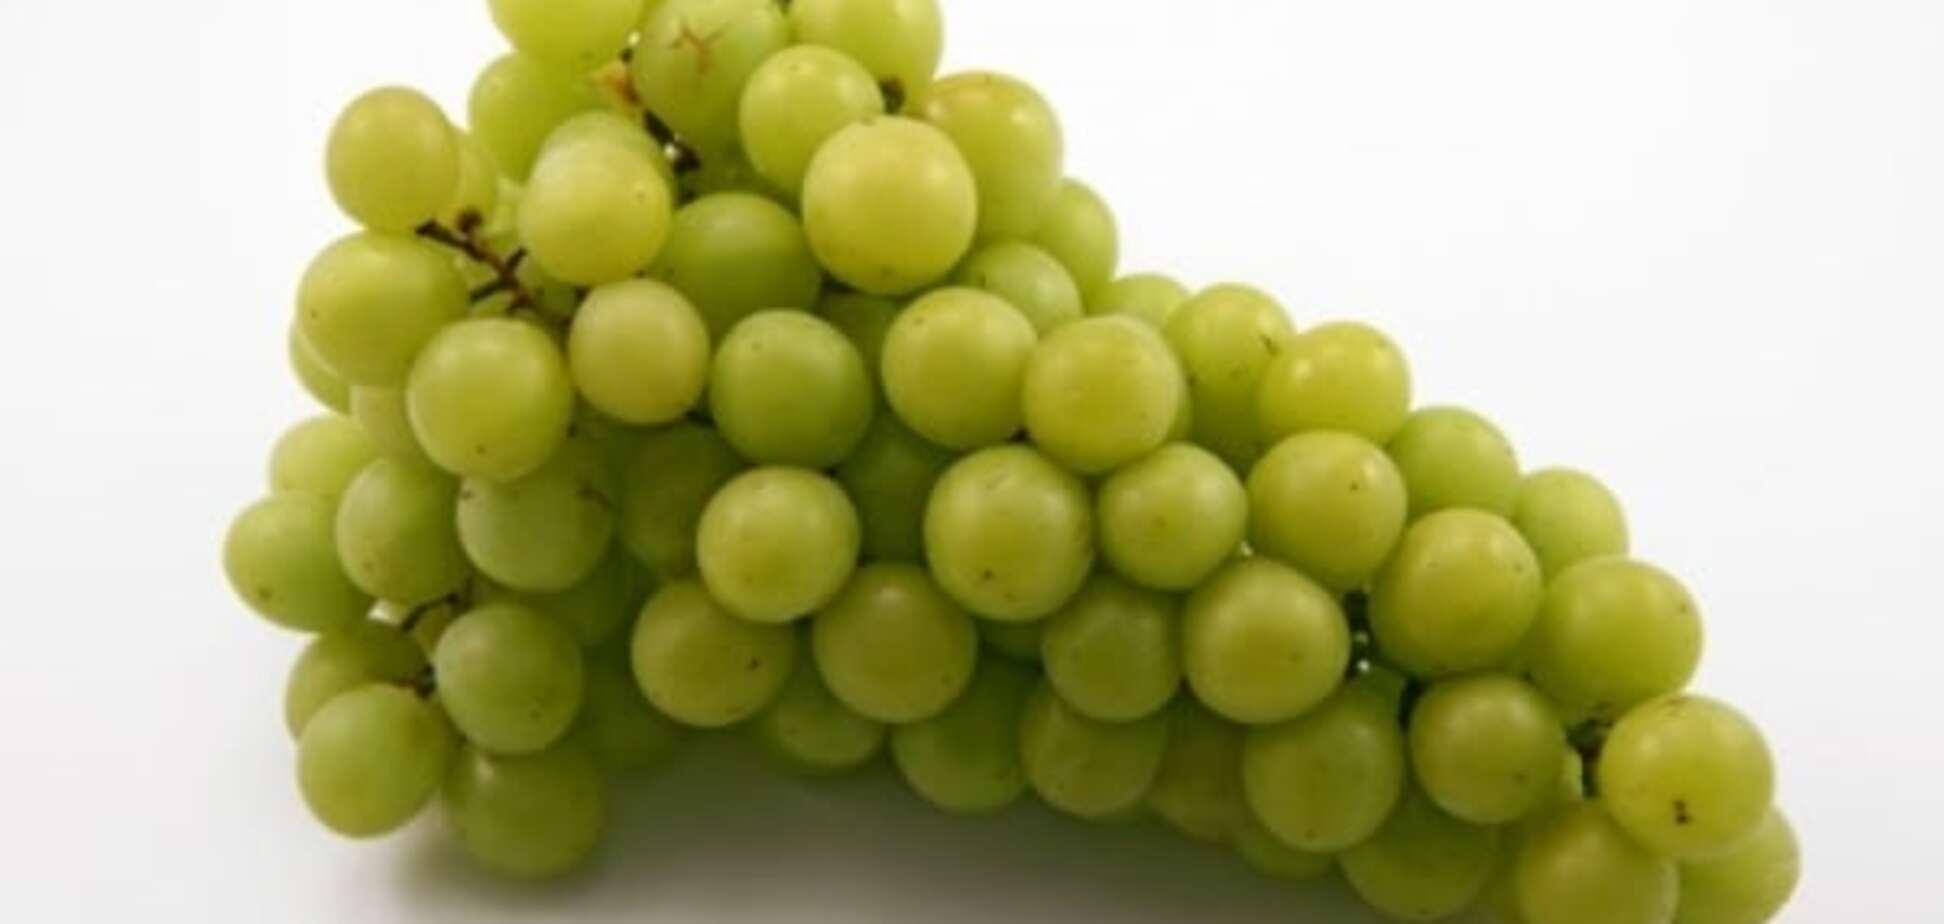 Виноград: все о полезных свойствах вкусной ягоды